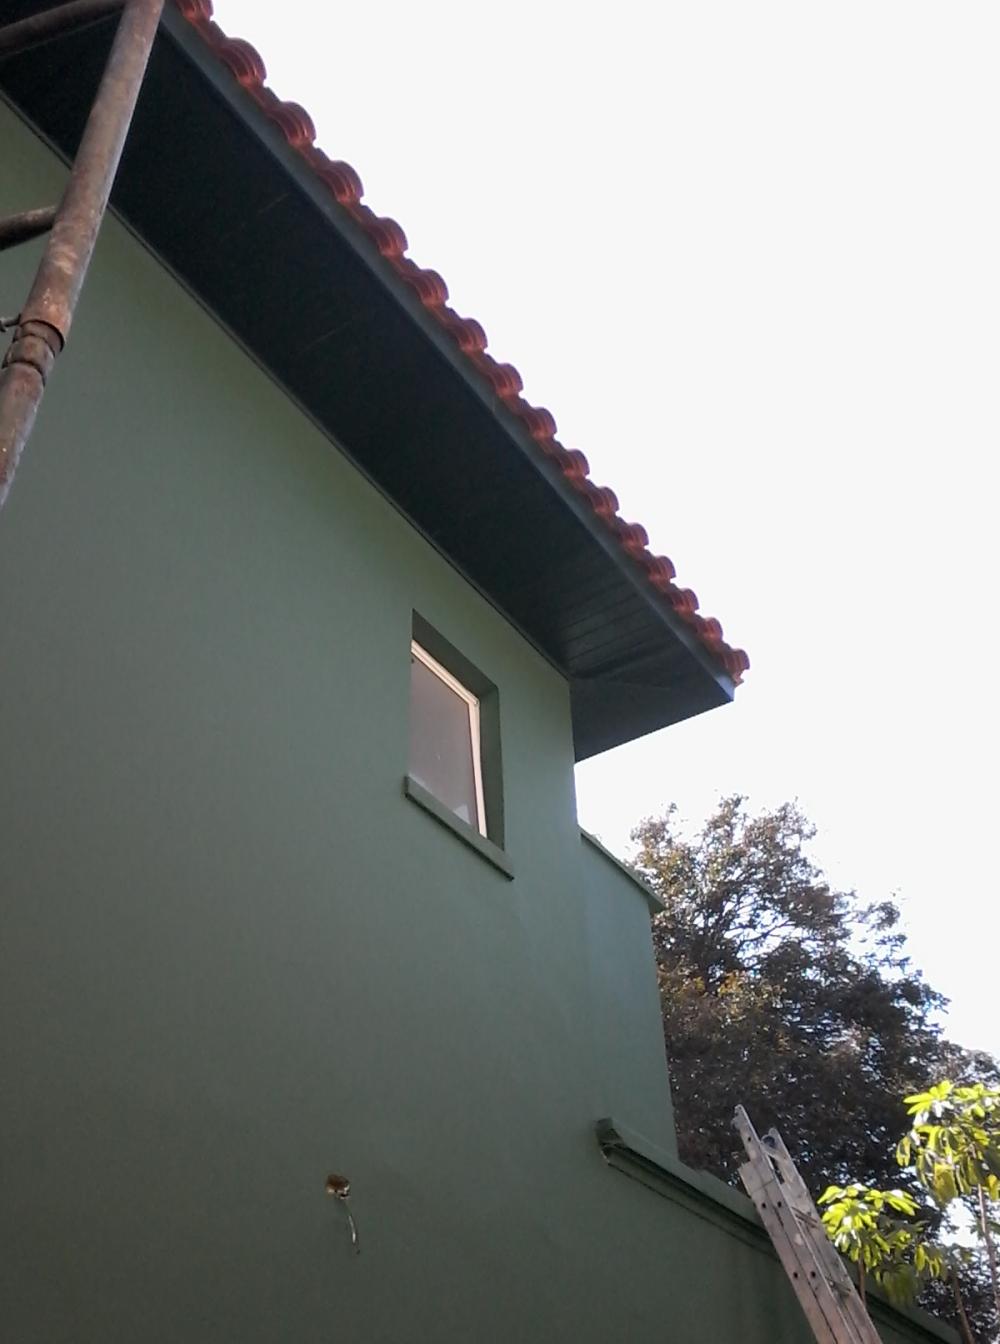 Orçamento para Serviço de Pintura Residencial no Butantã - Prestação de Serviços de Pintura Predial